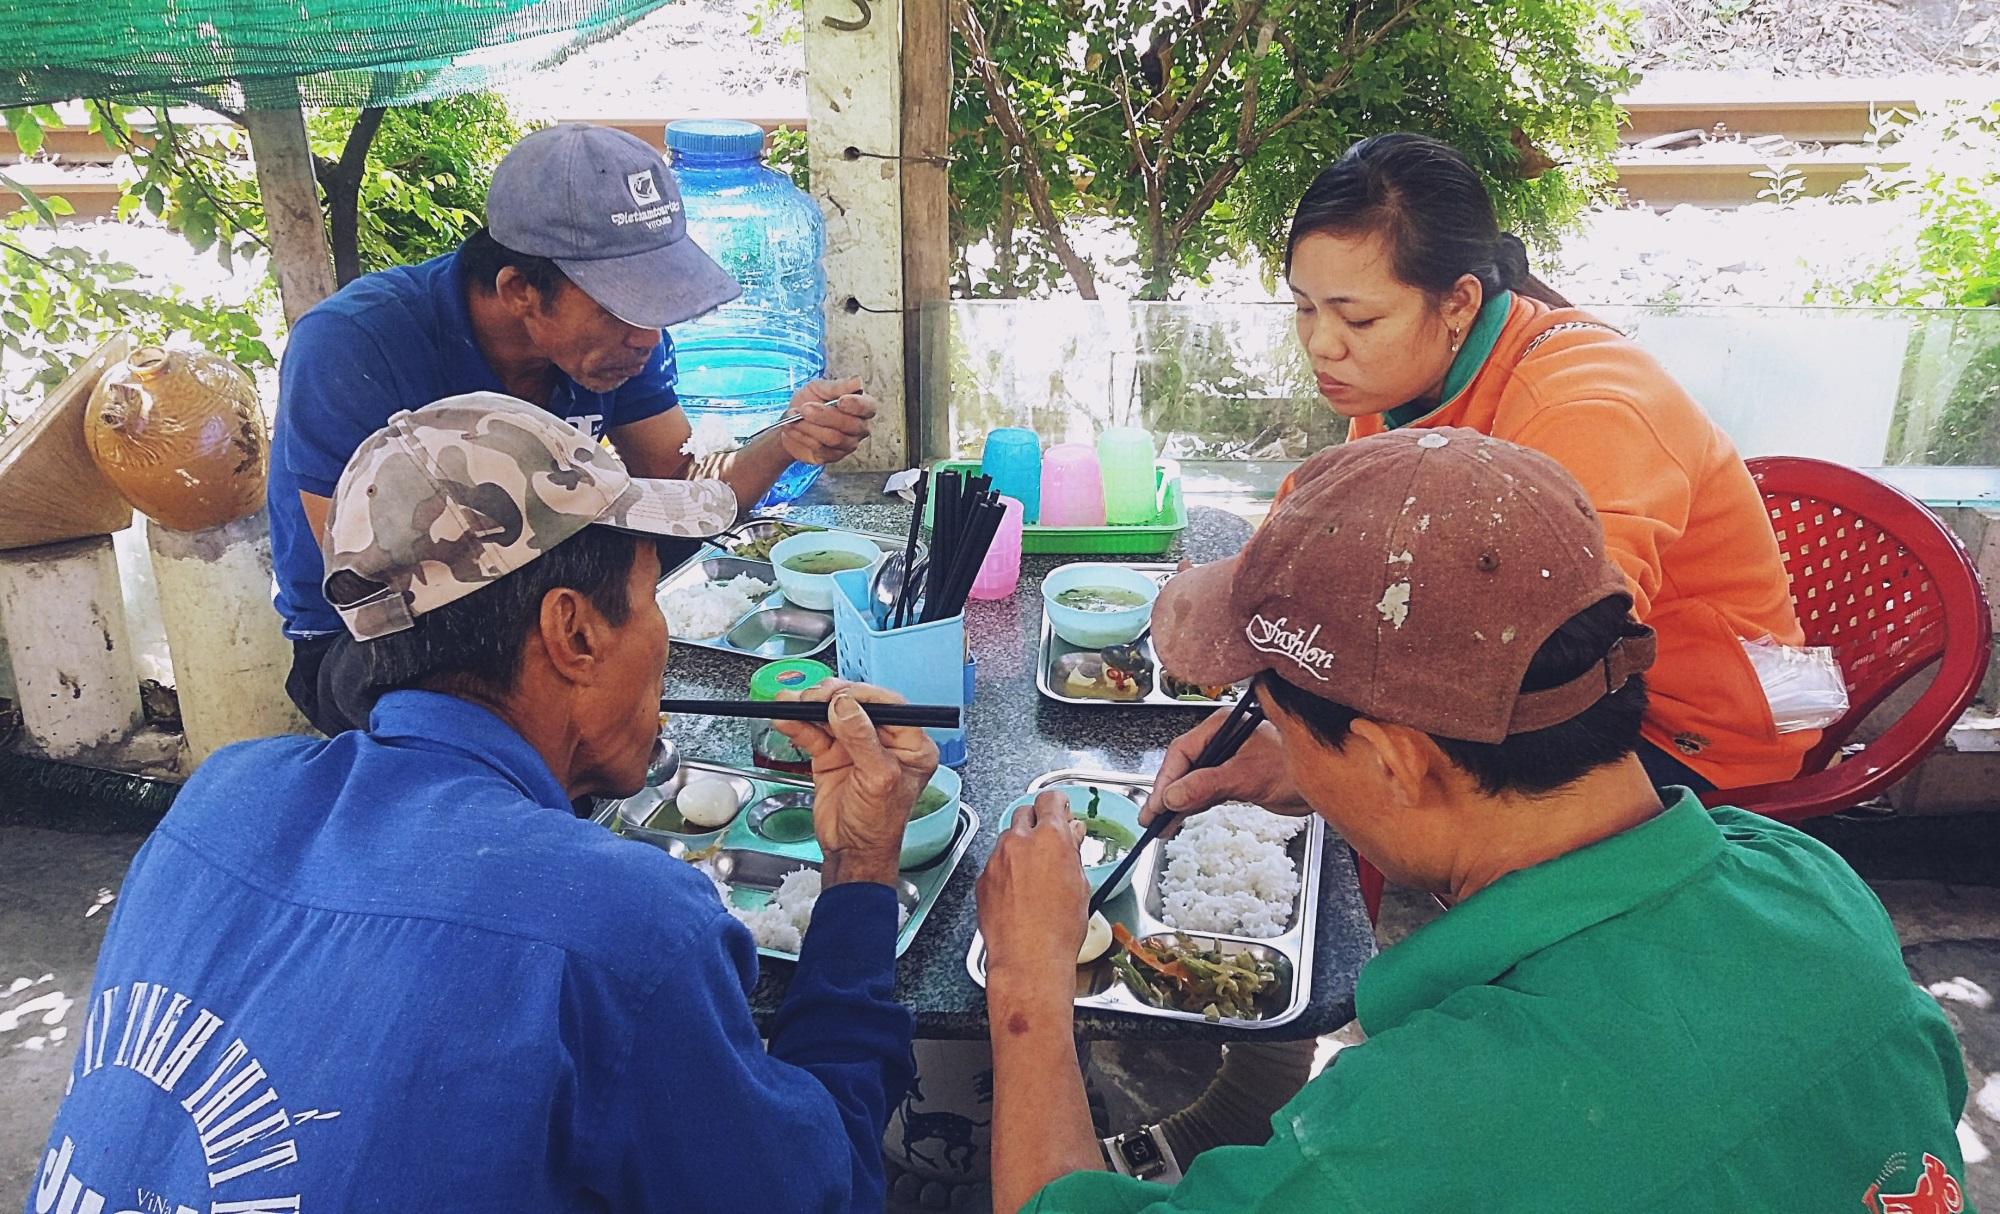 Chủ nhiệm quán cơm 2.000 đồng ở Sài Gòn: 'Sinh viên bất kể giàu nghèo đều được chào đón tại quán của chúng tôi' - Ảnh 11